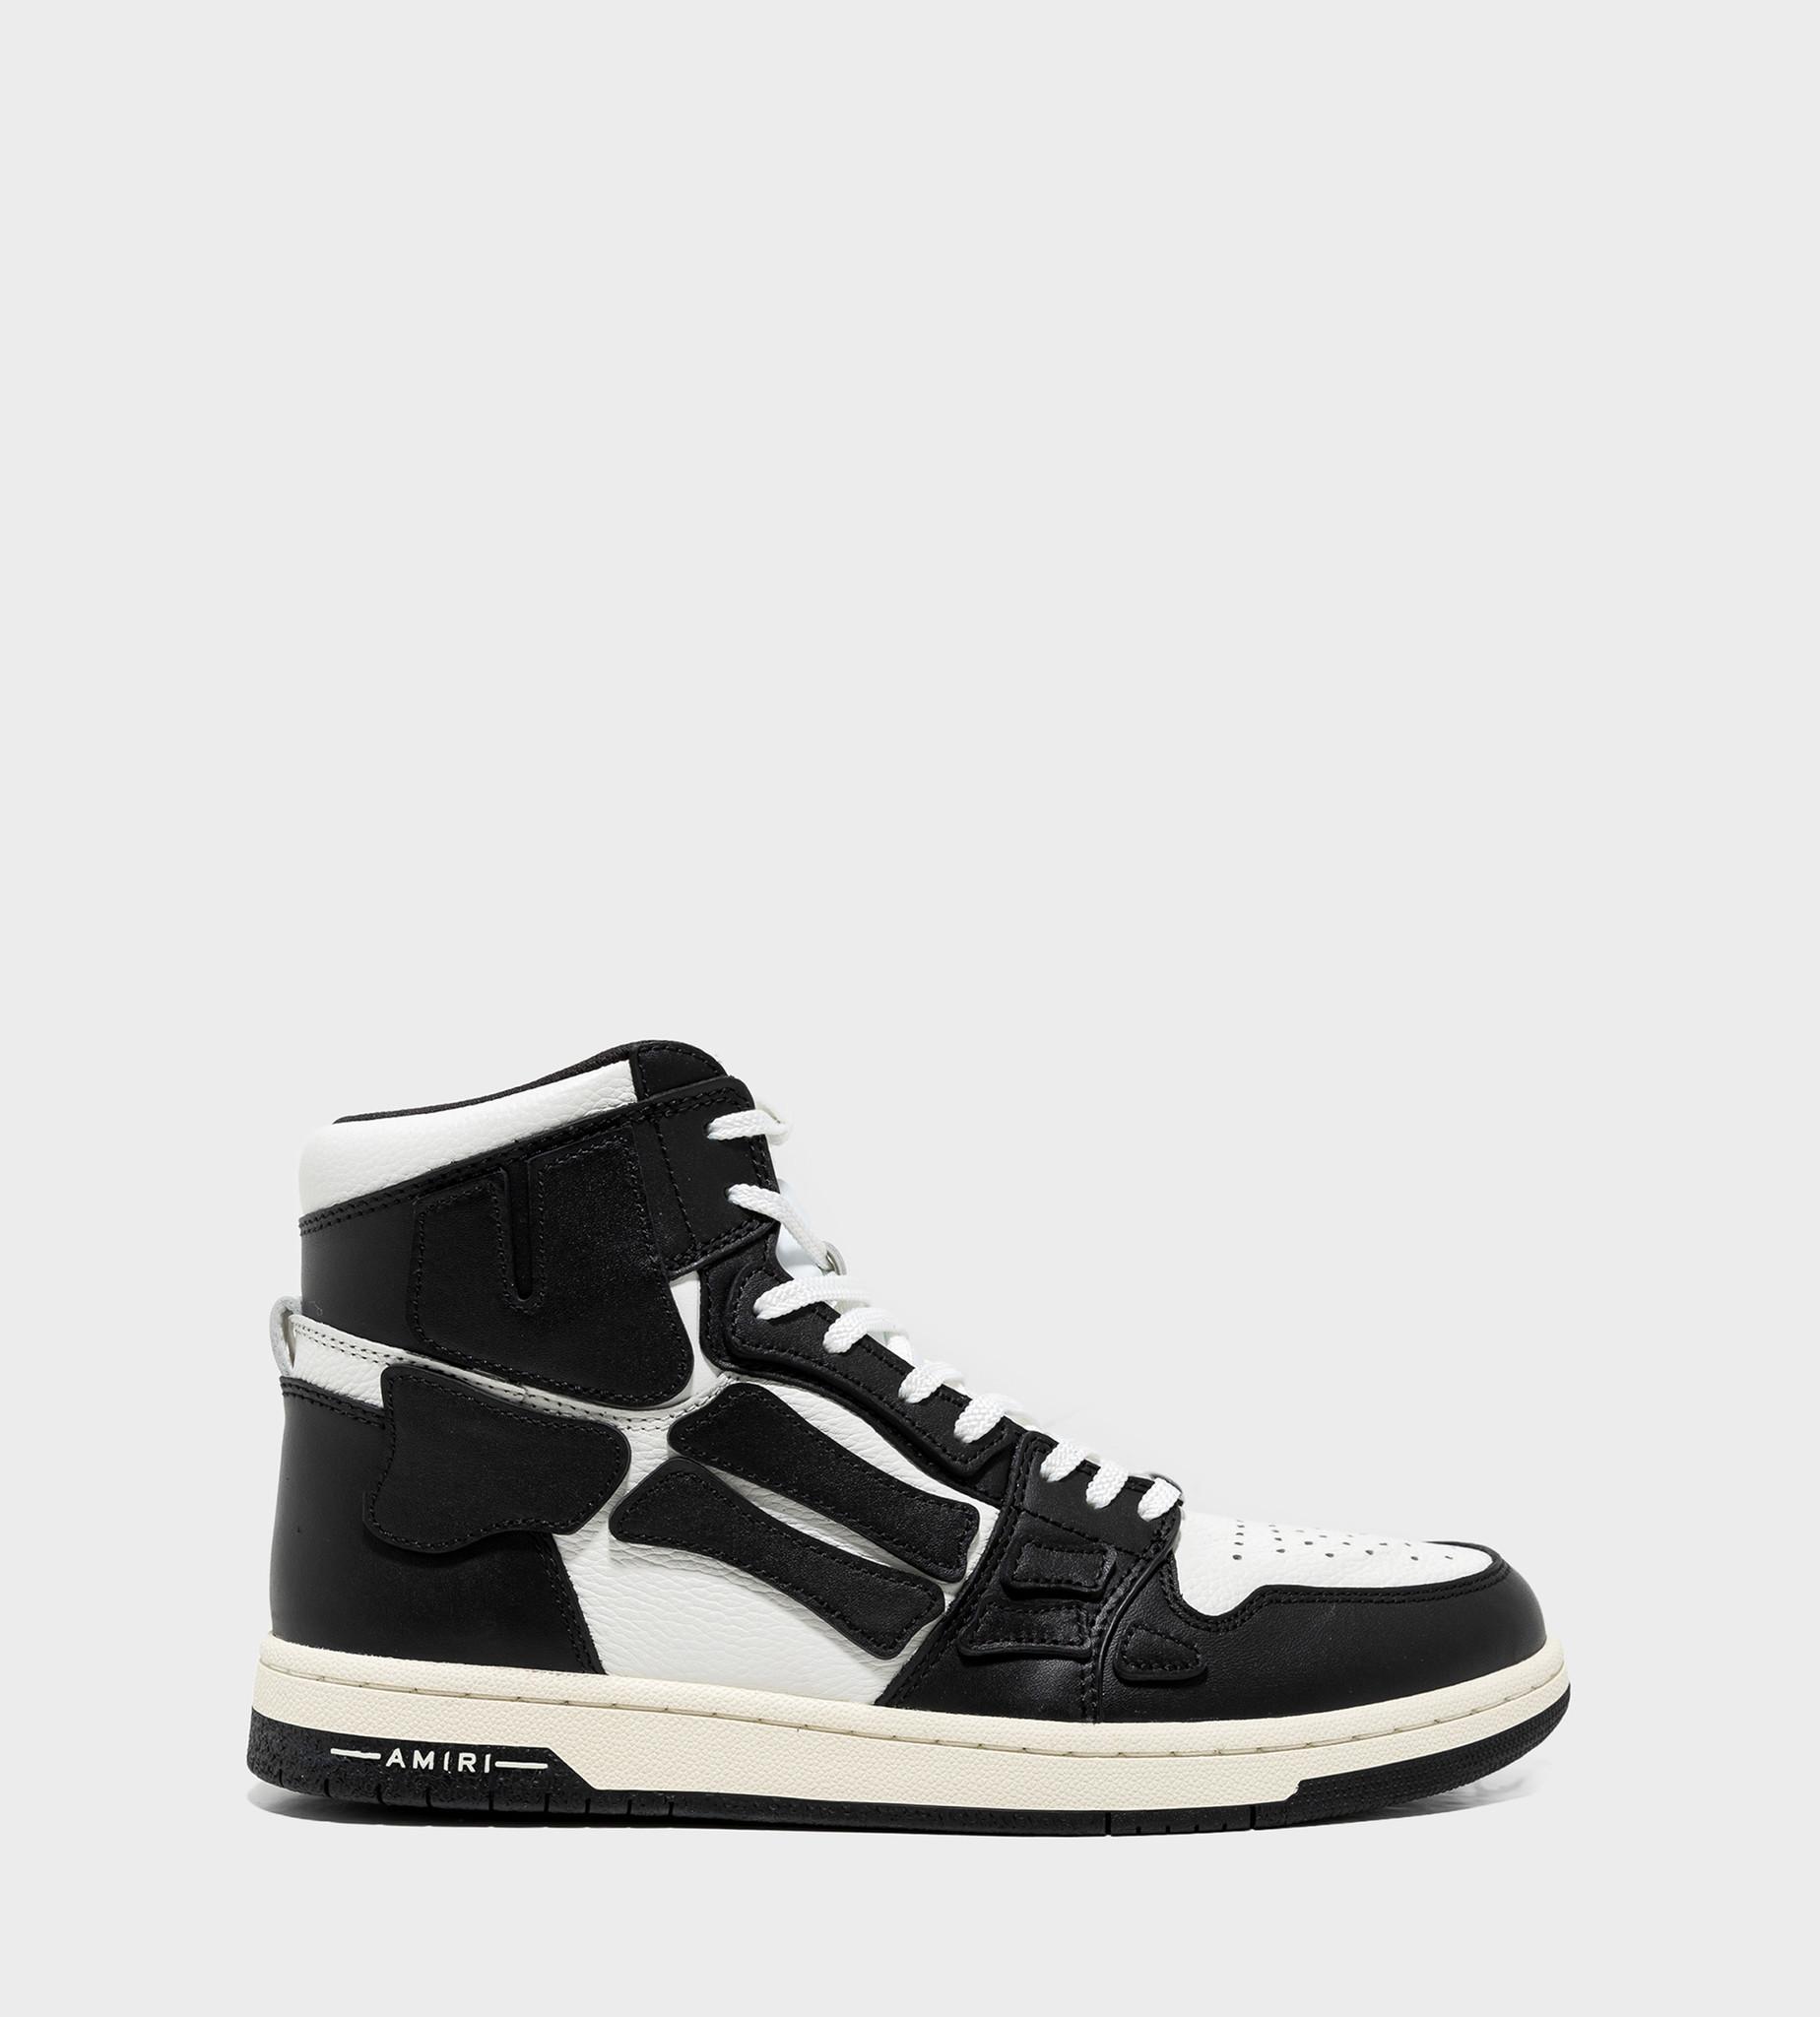 AMIRI Skeleton High-Top Sneaker Black